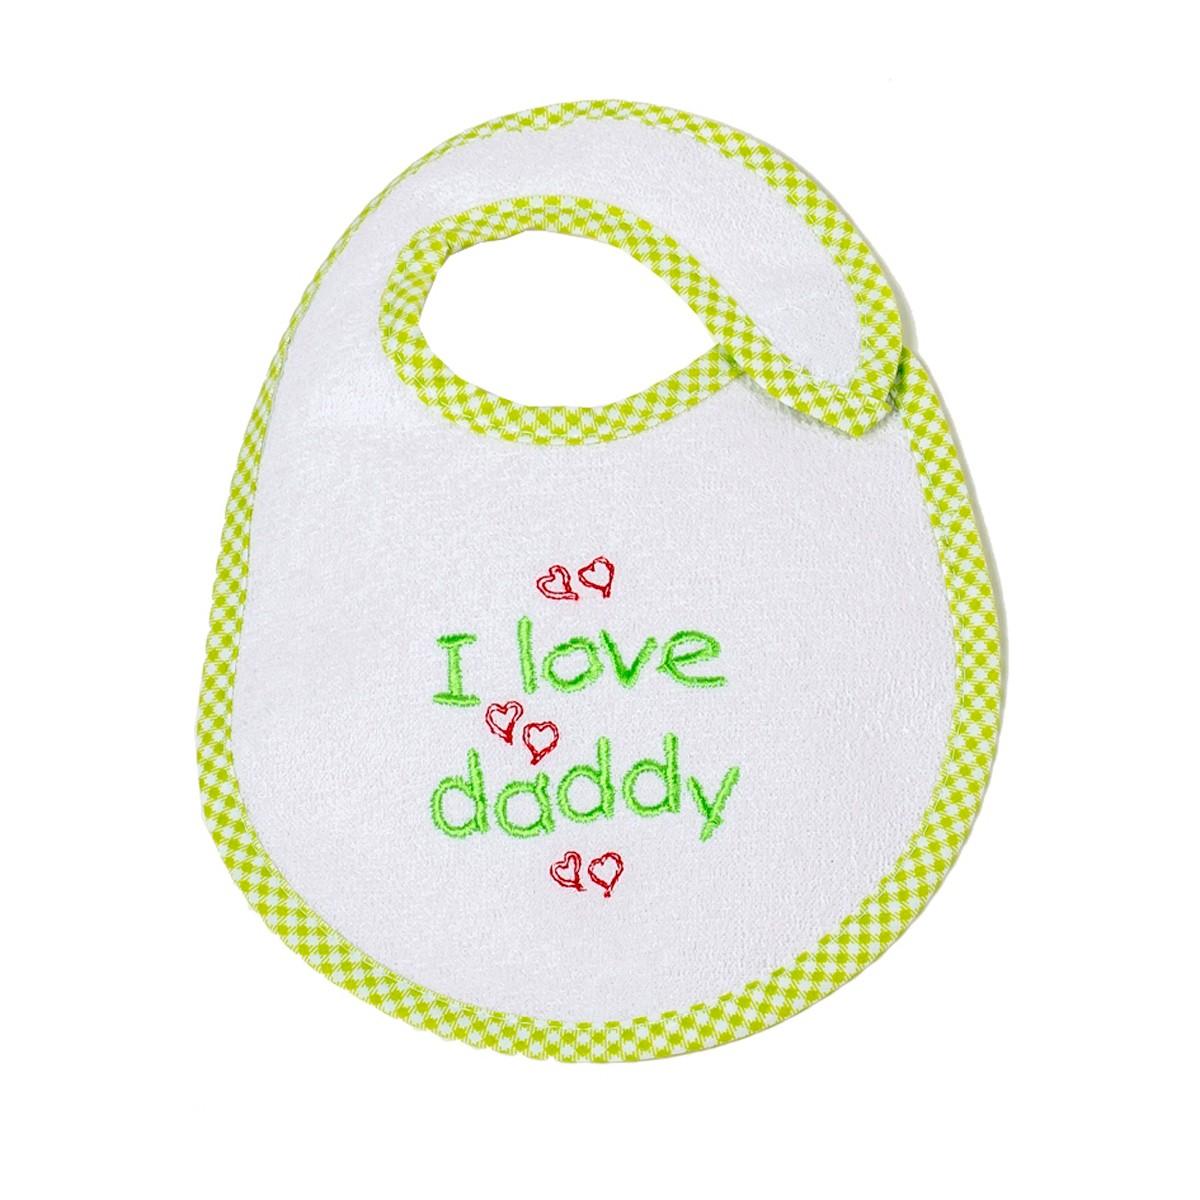 Σαλιάρα Μικρή Κόσμος Του Μωρού 0606 Daddy Λαχανί 74652